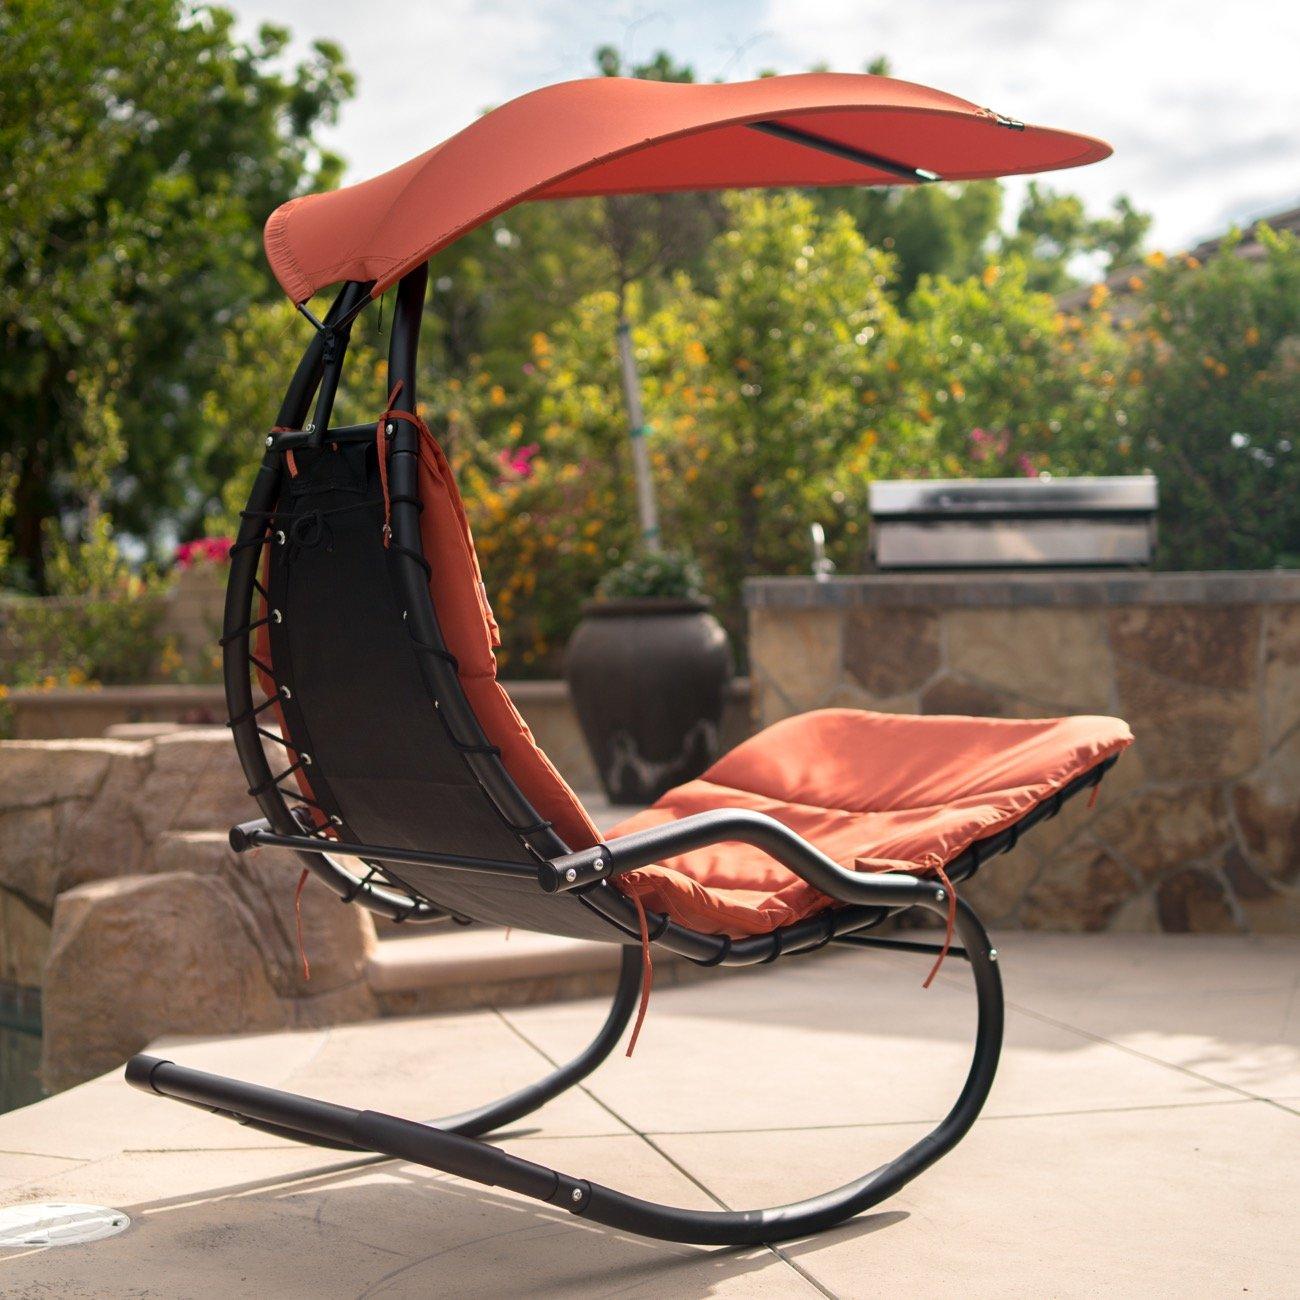 Amazon.com: Belleze – Parasol colgante para balanceo o toldo ...